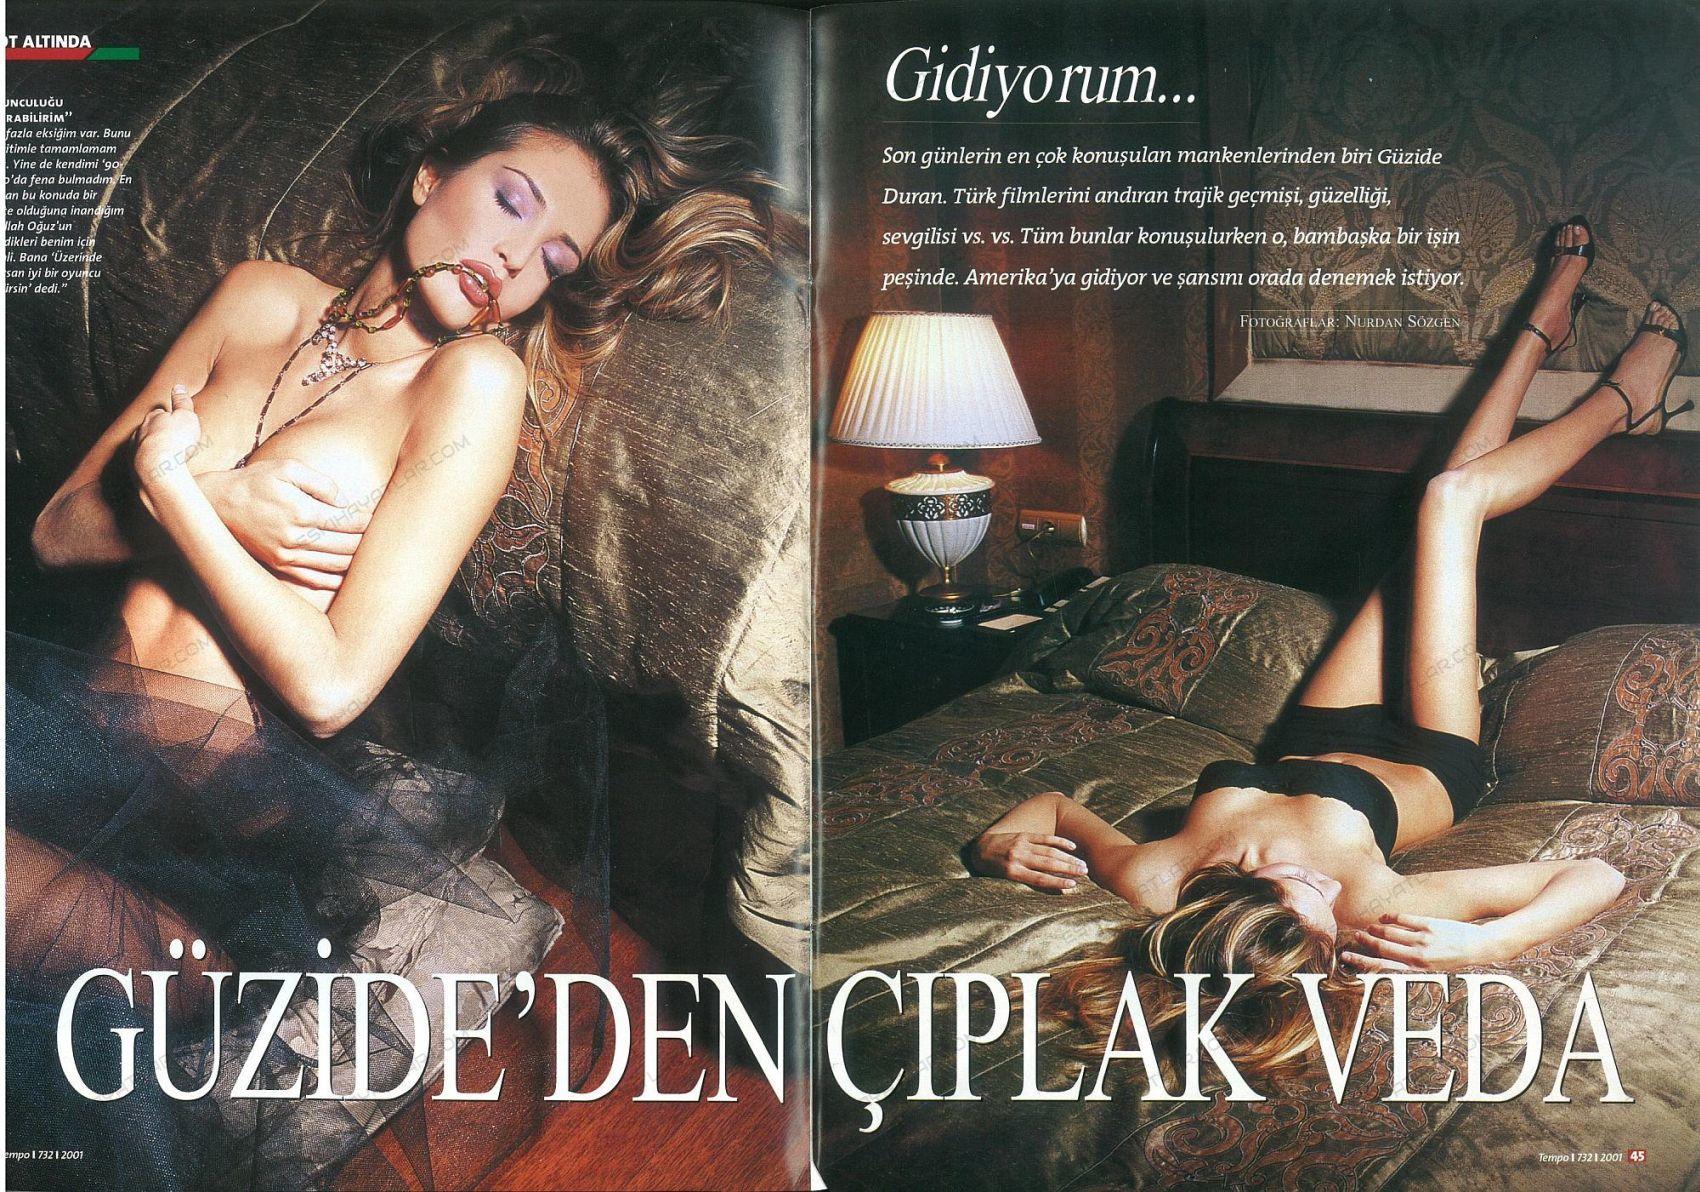 0266-guzide-duran-ciplak-fotograflar-2001-tempo-dergisi (2)